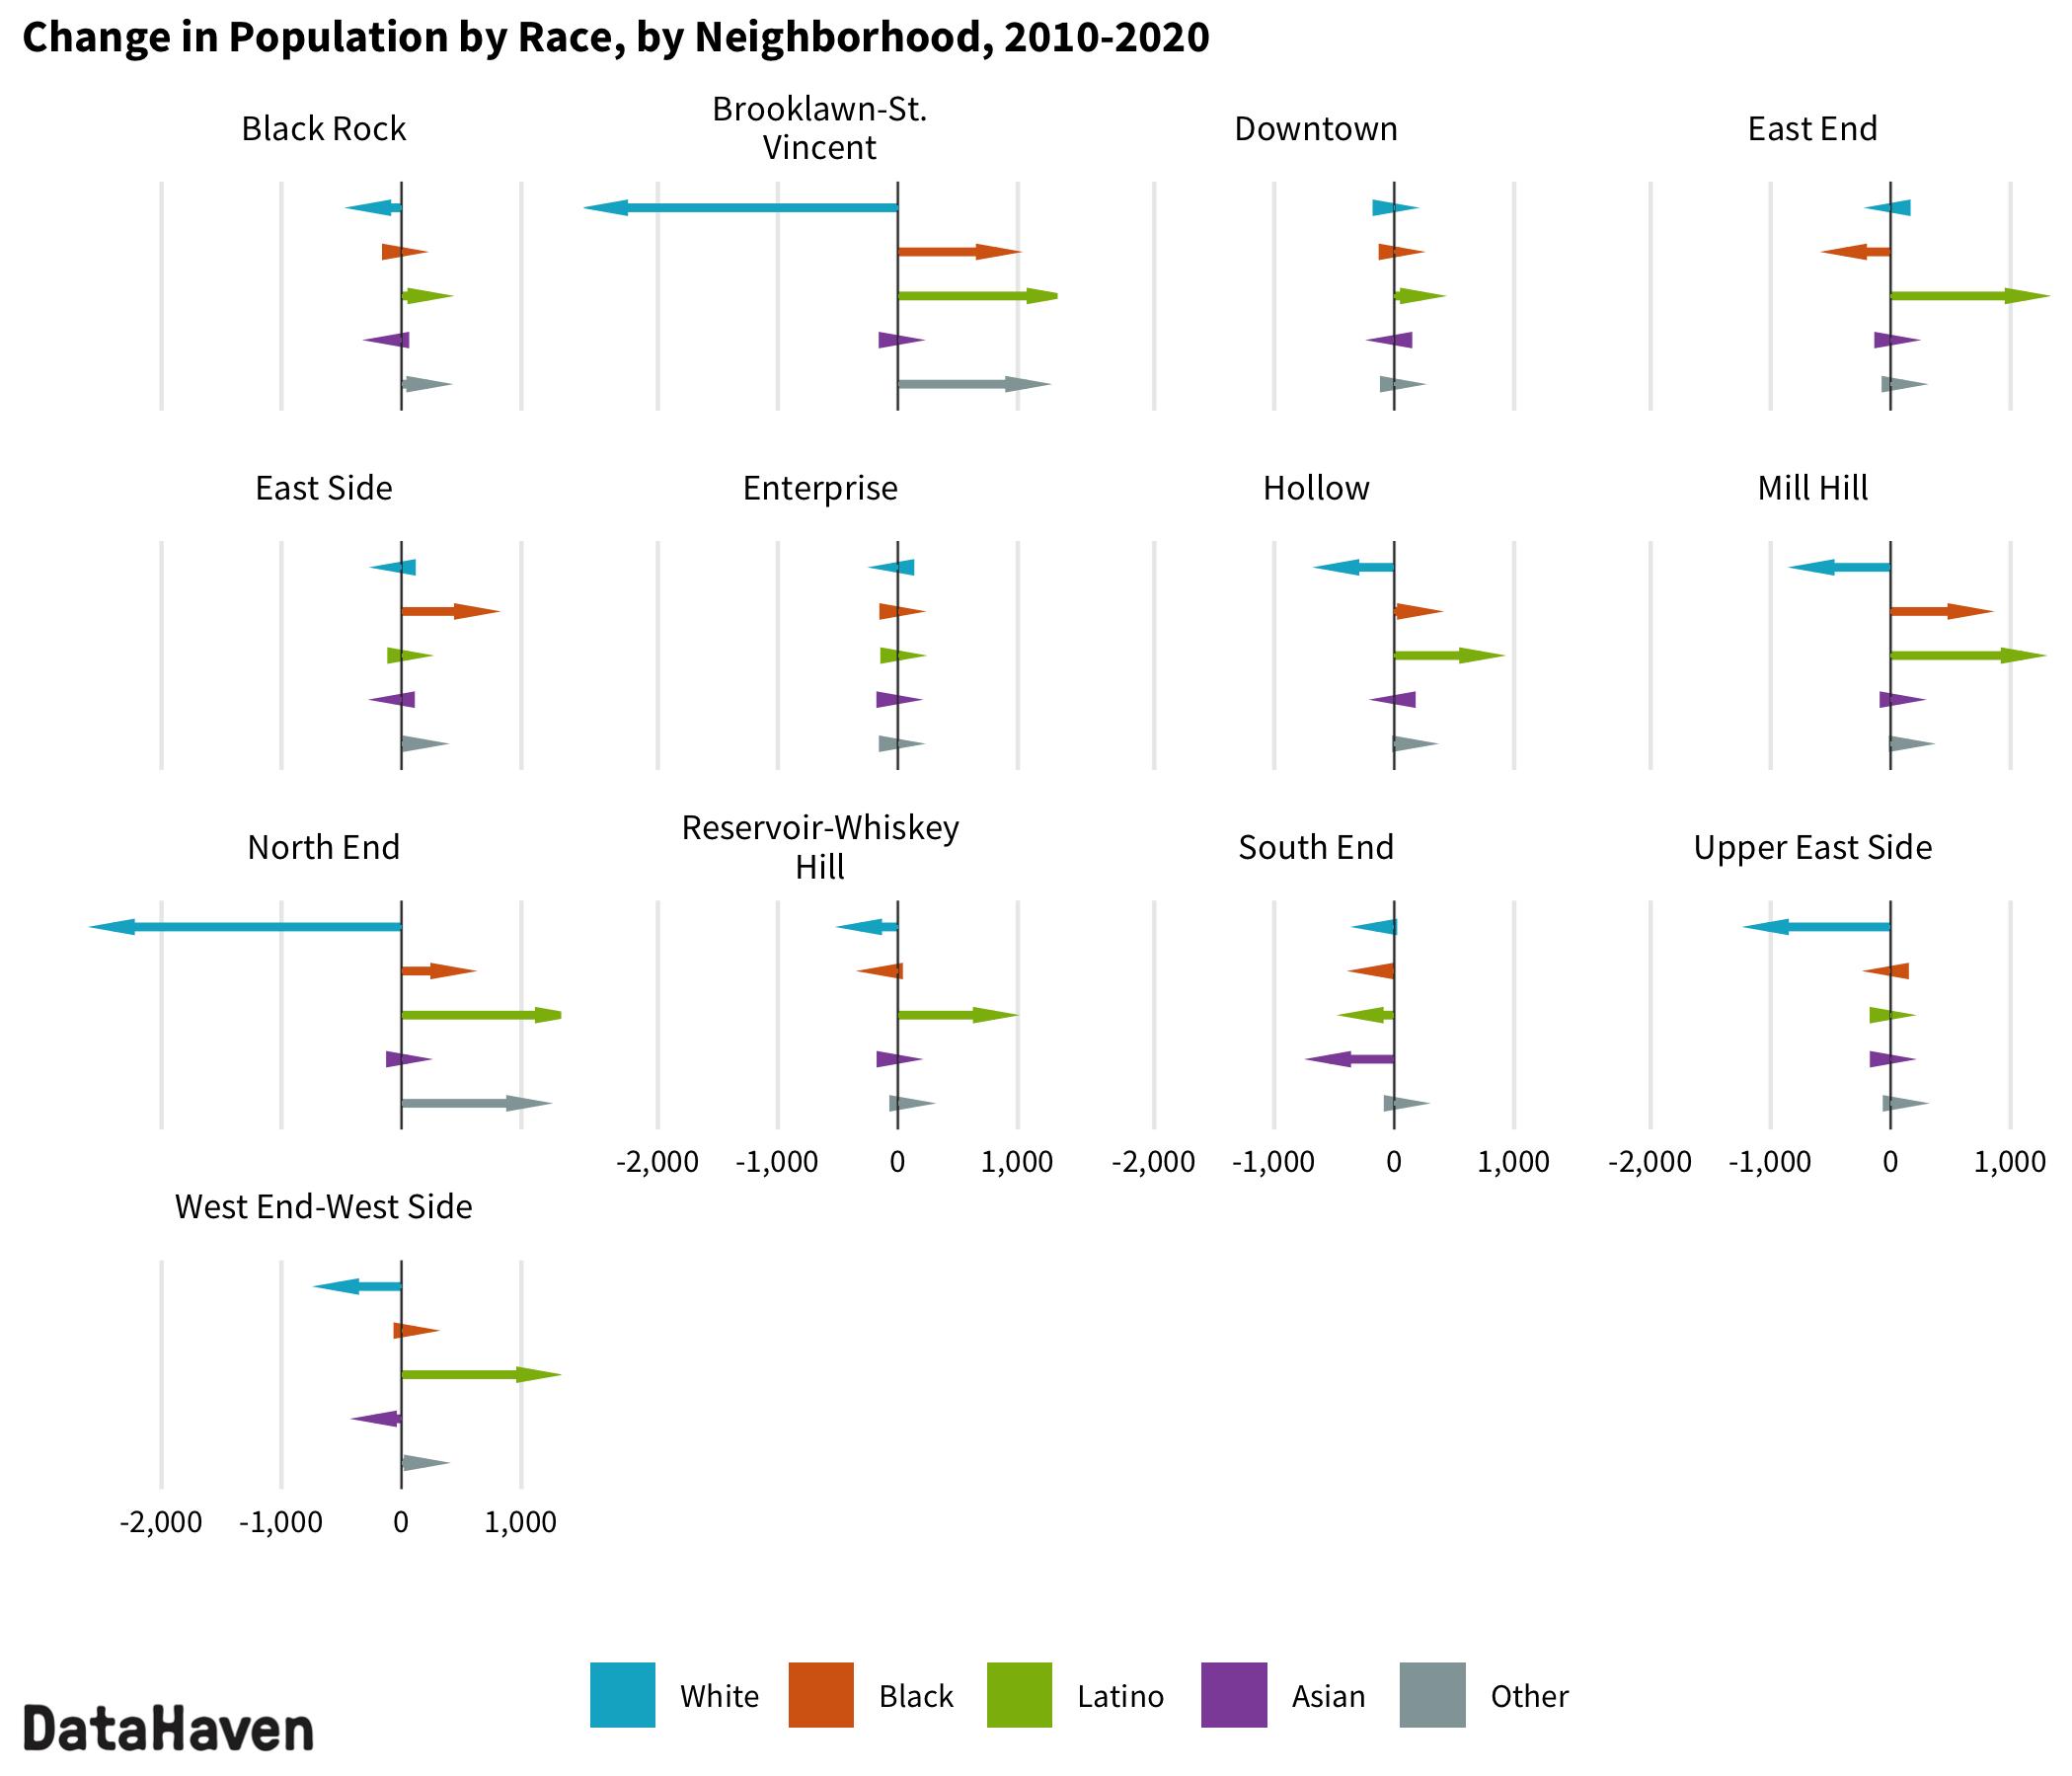 2020 Census change by race ethnicity in Bridgeport neighborhoods